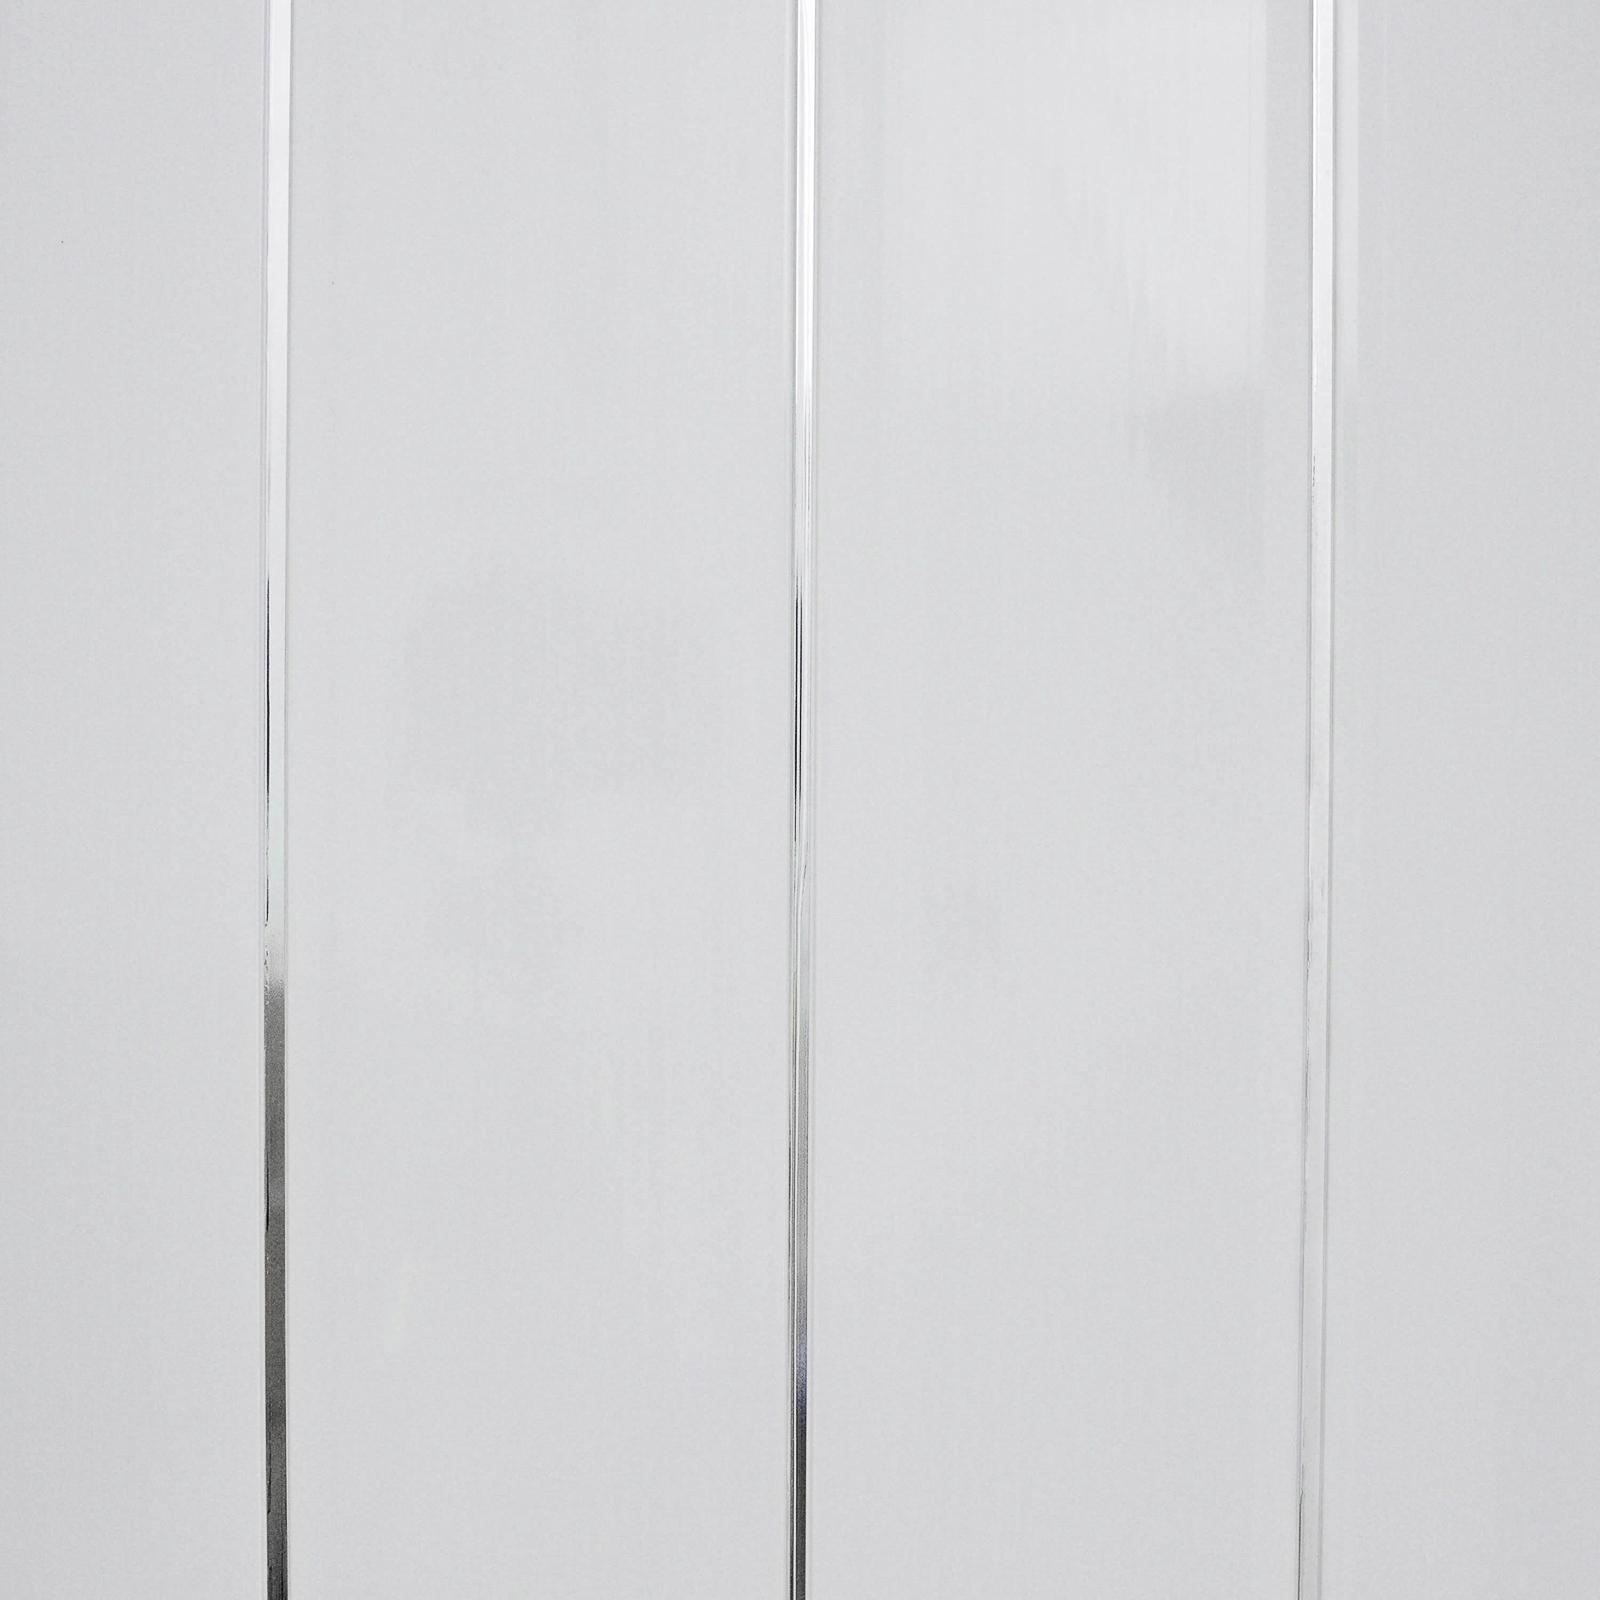 Gloss White Chrome Strip Bathroom Wall Cladding White